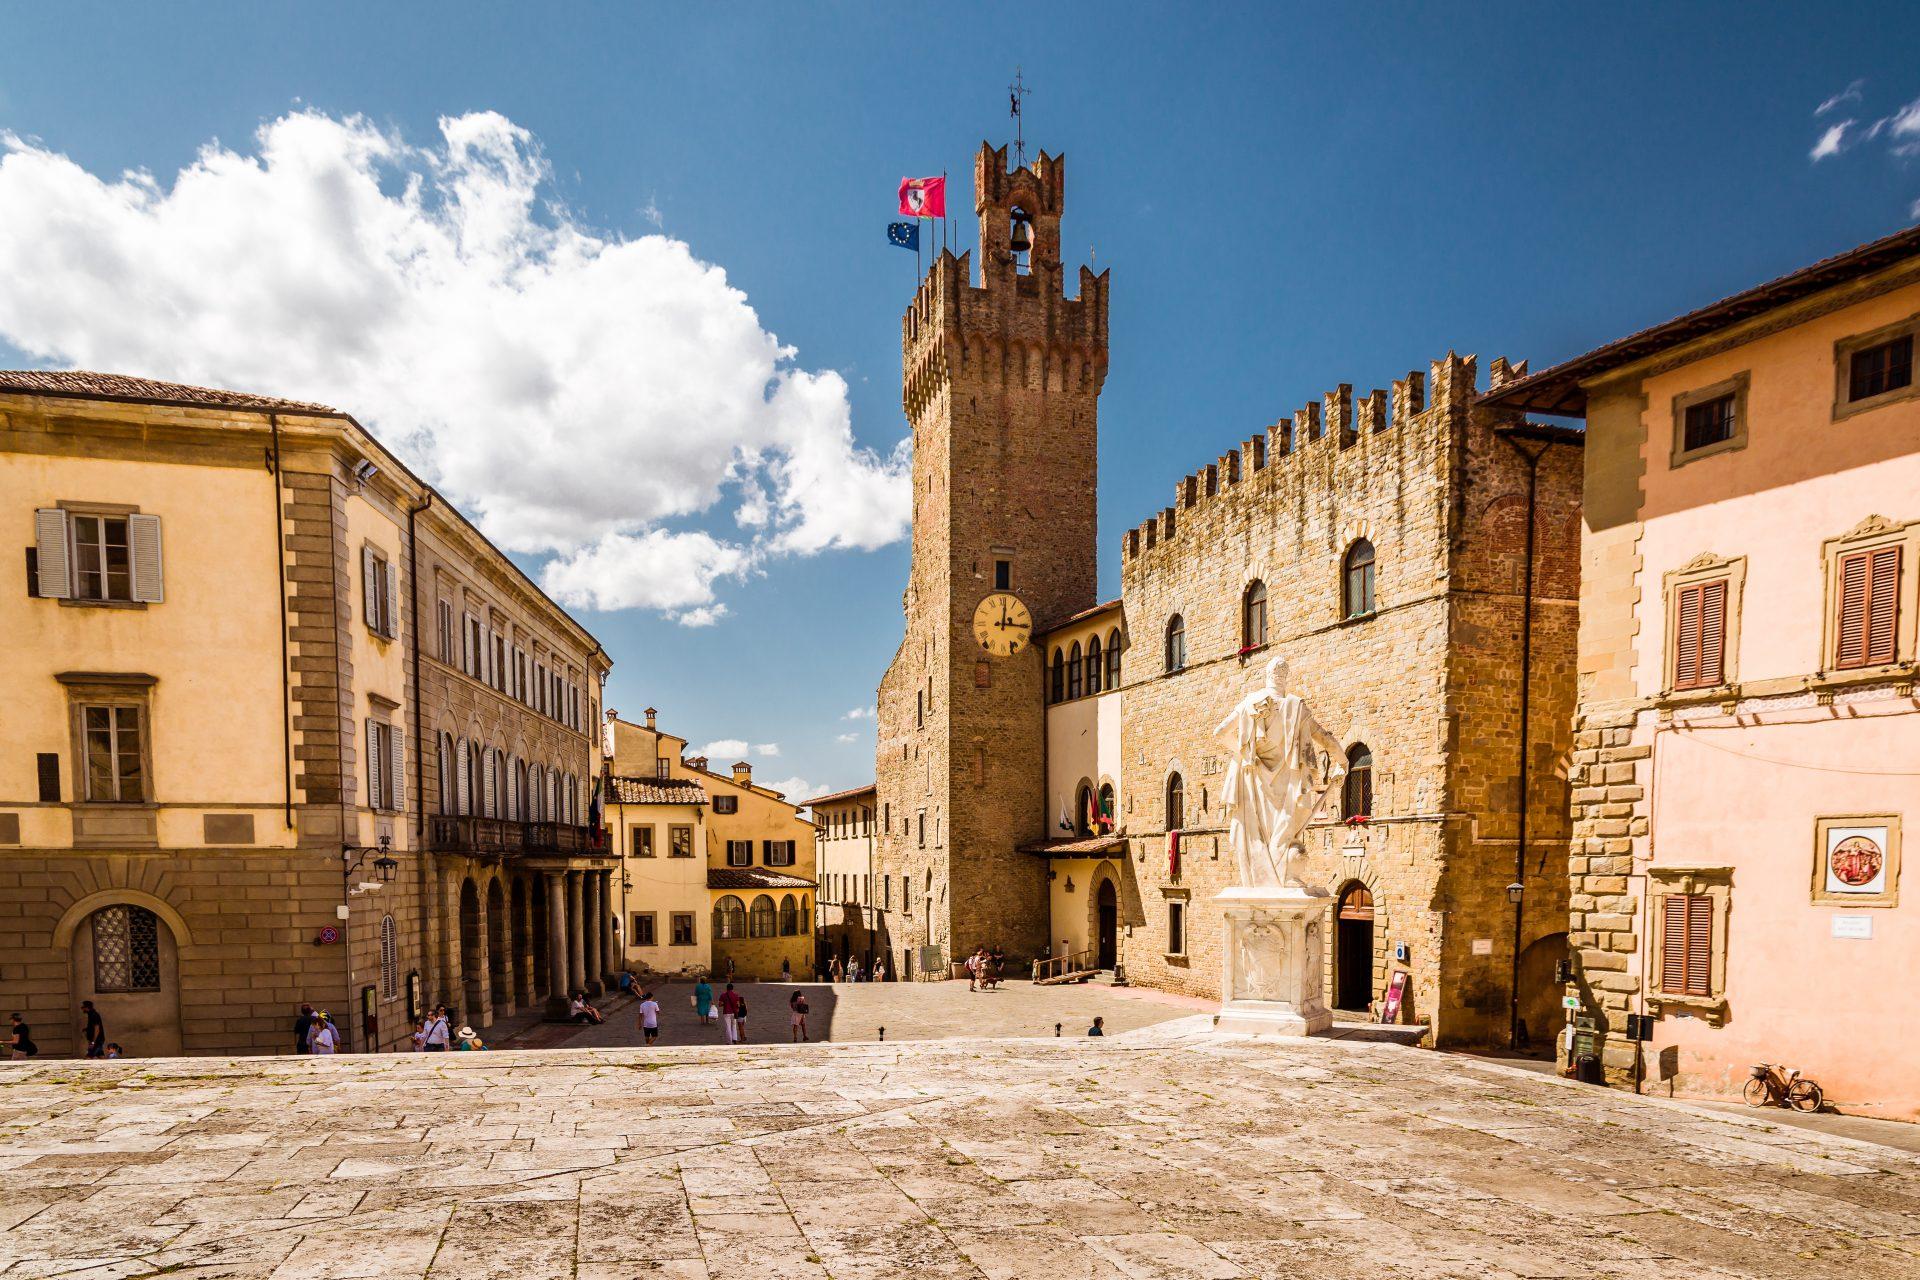 Plein in Arezzo